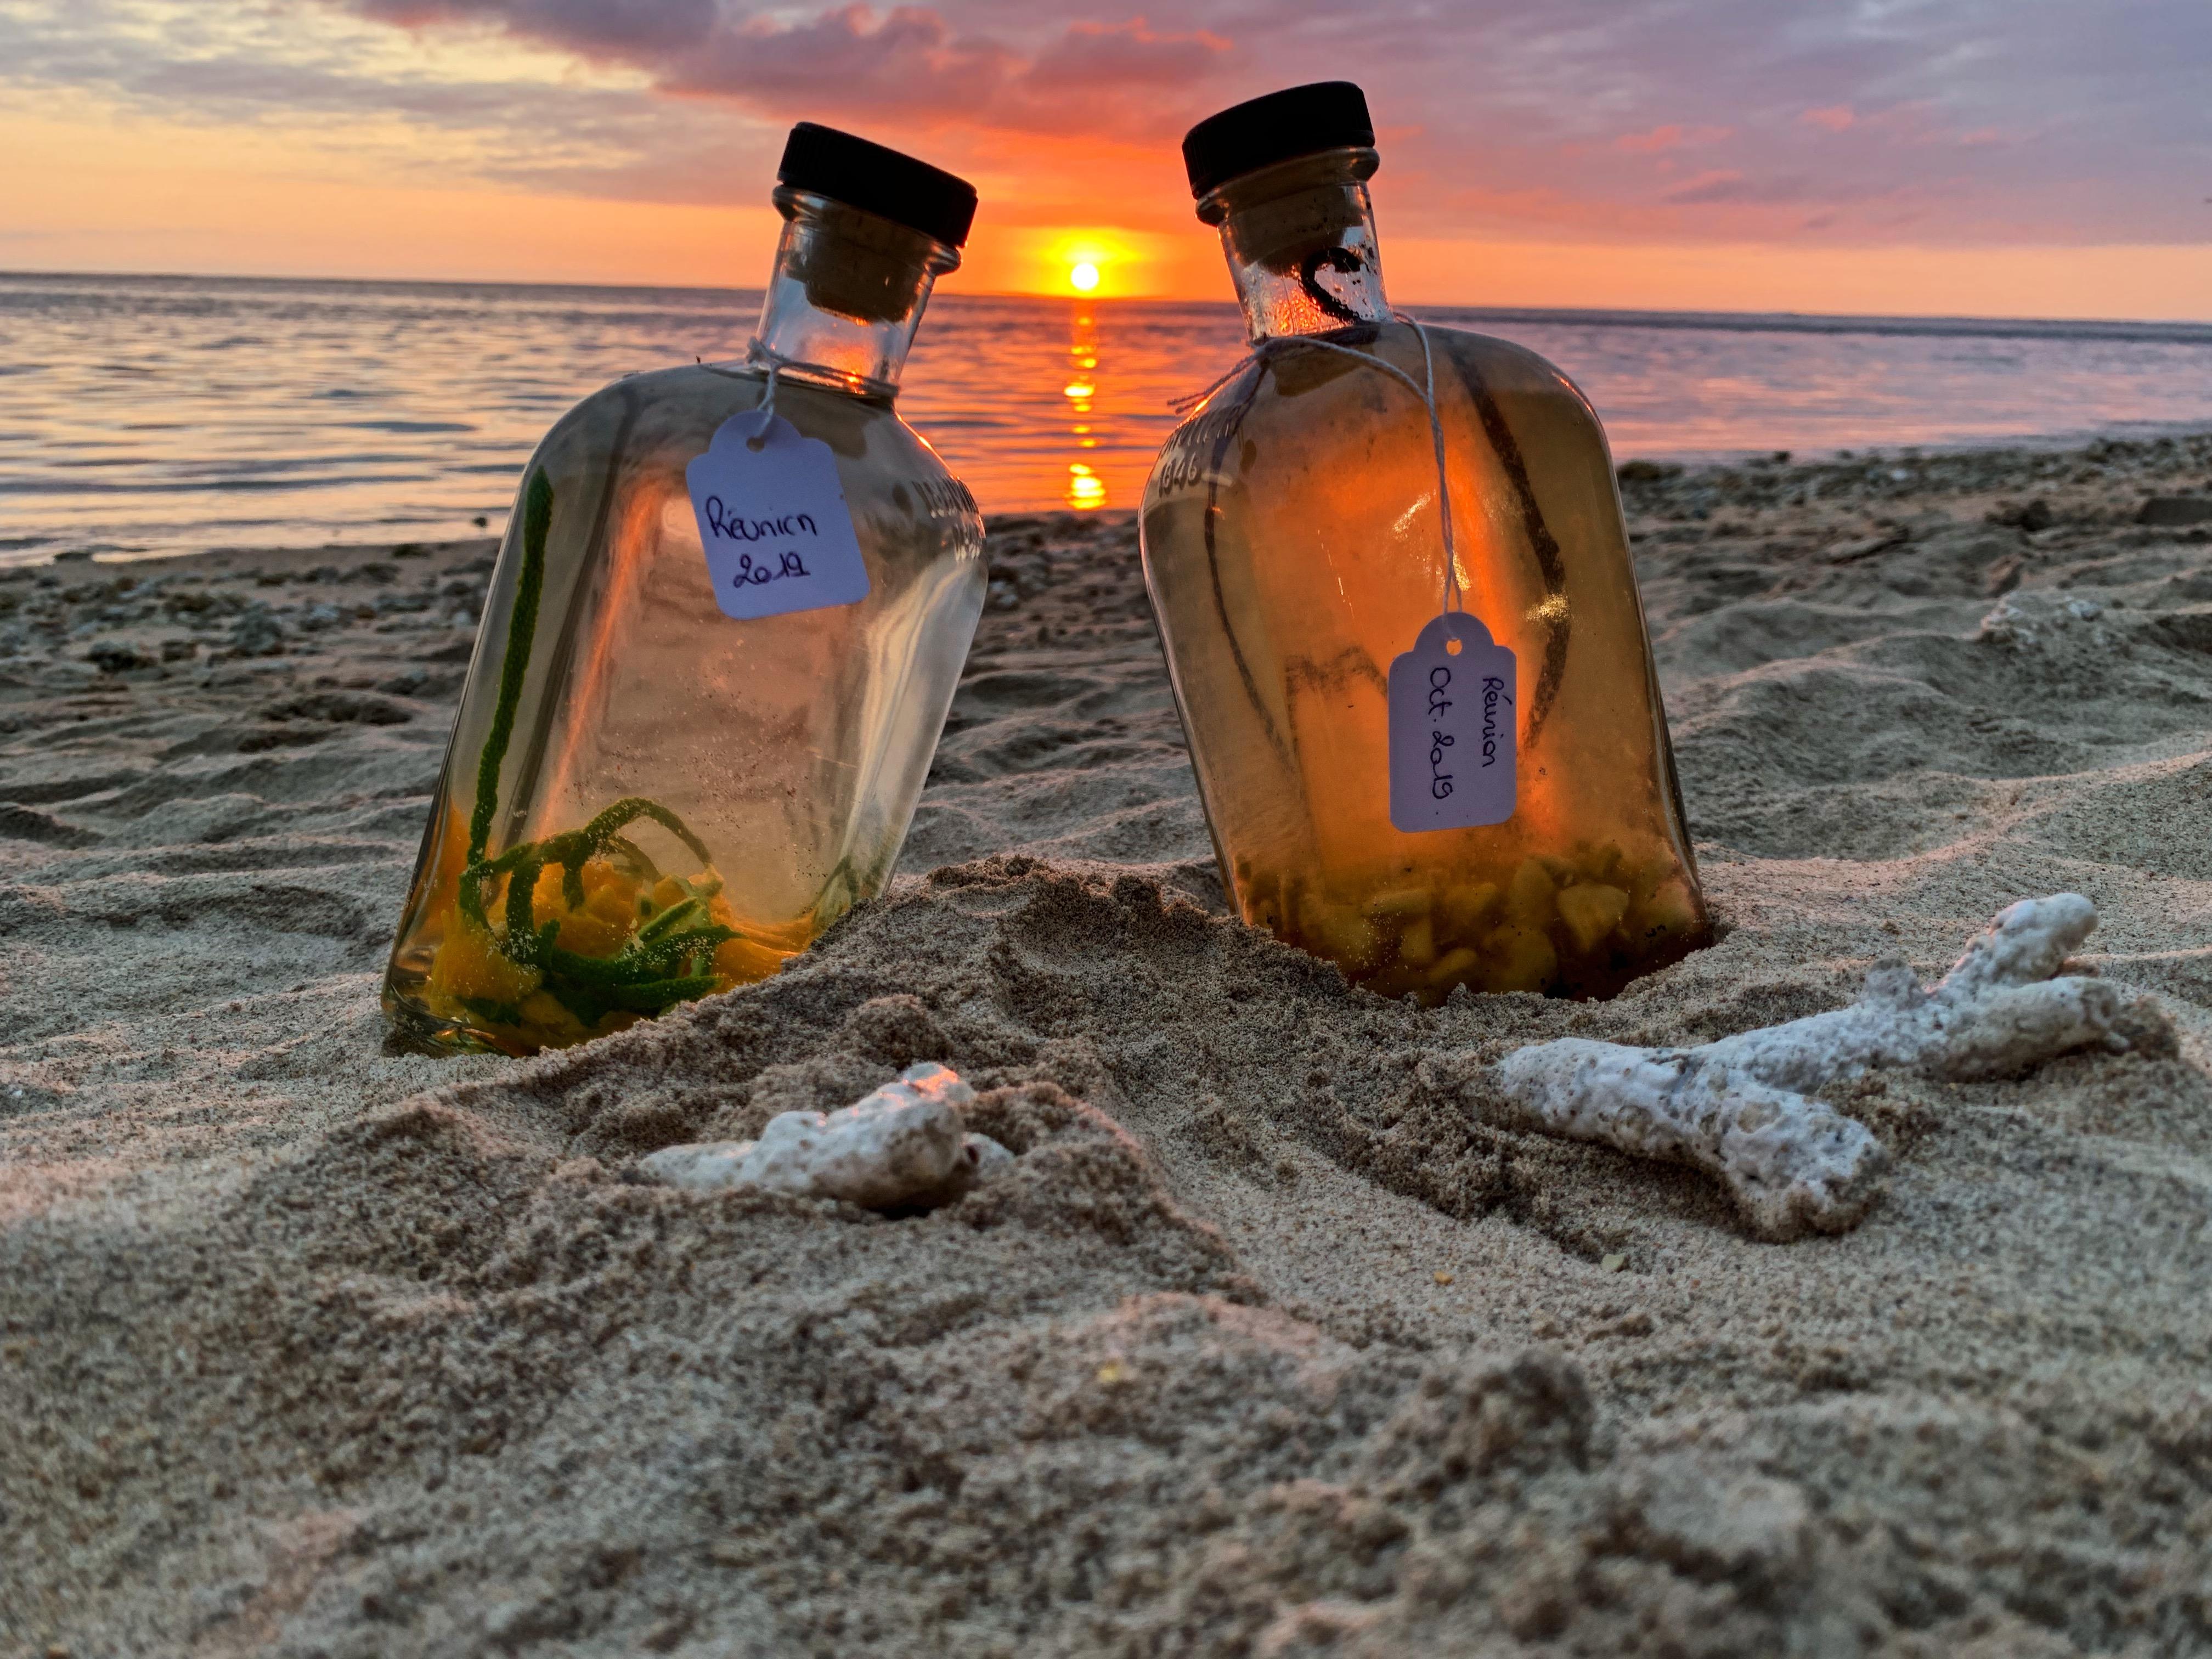 bouteilles plage la reunion